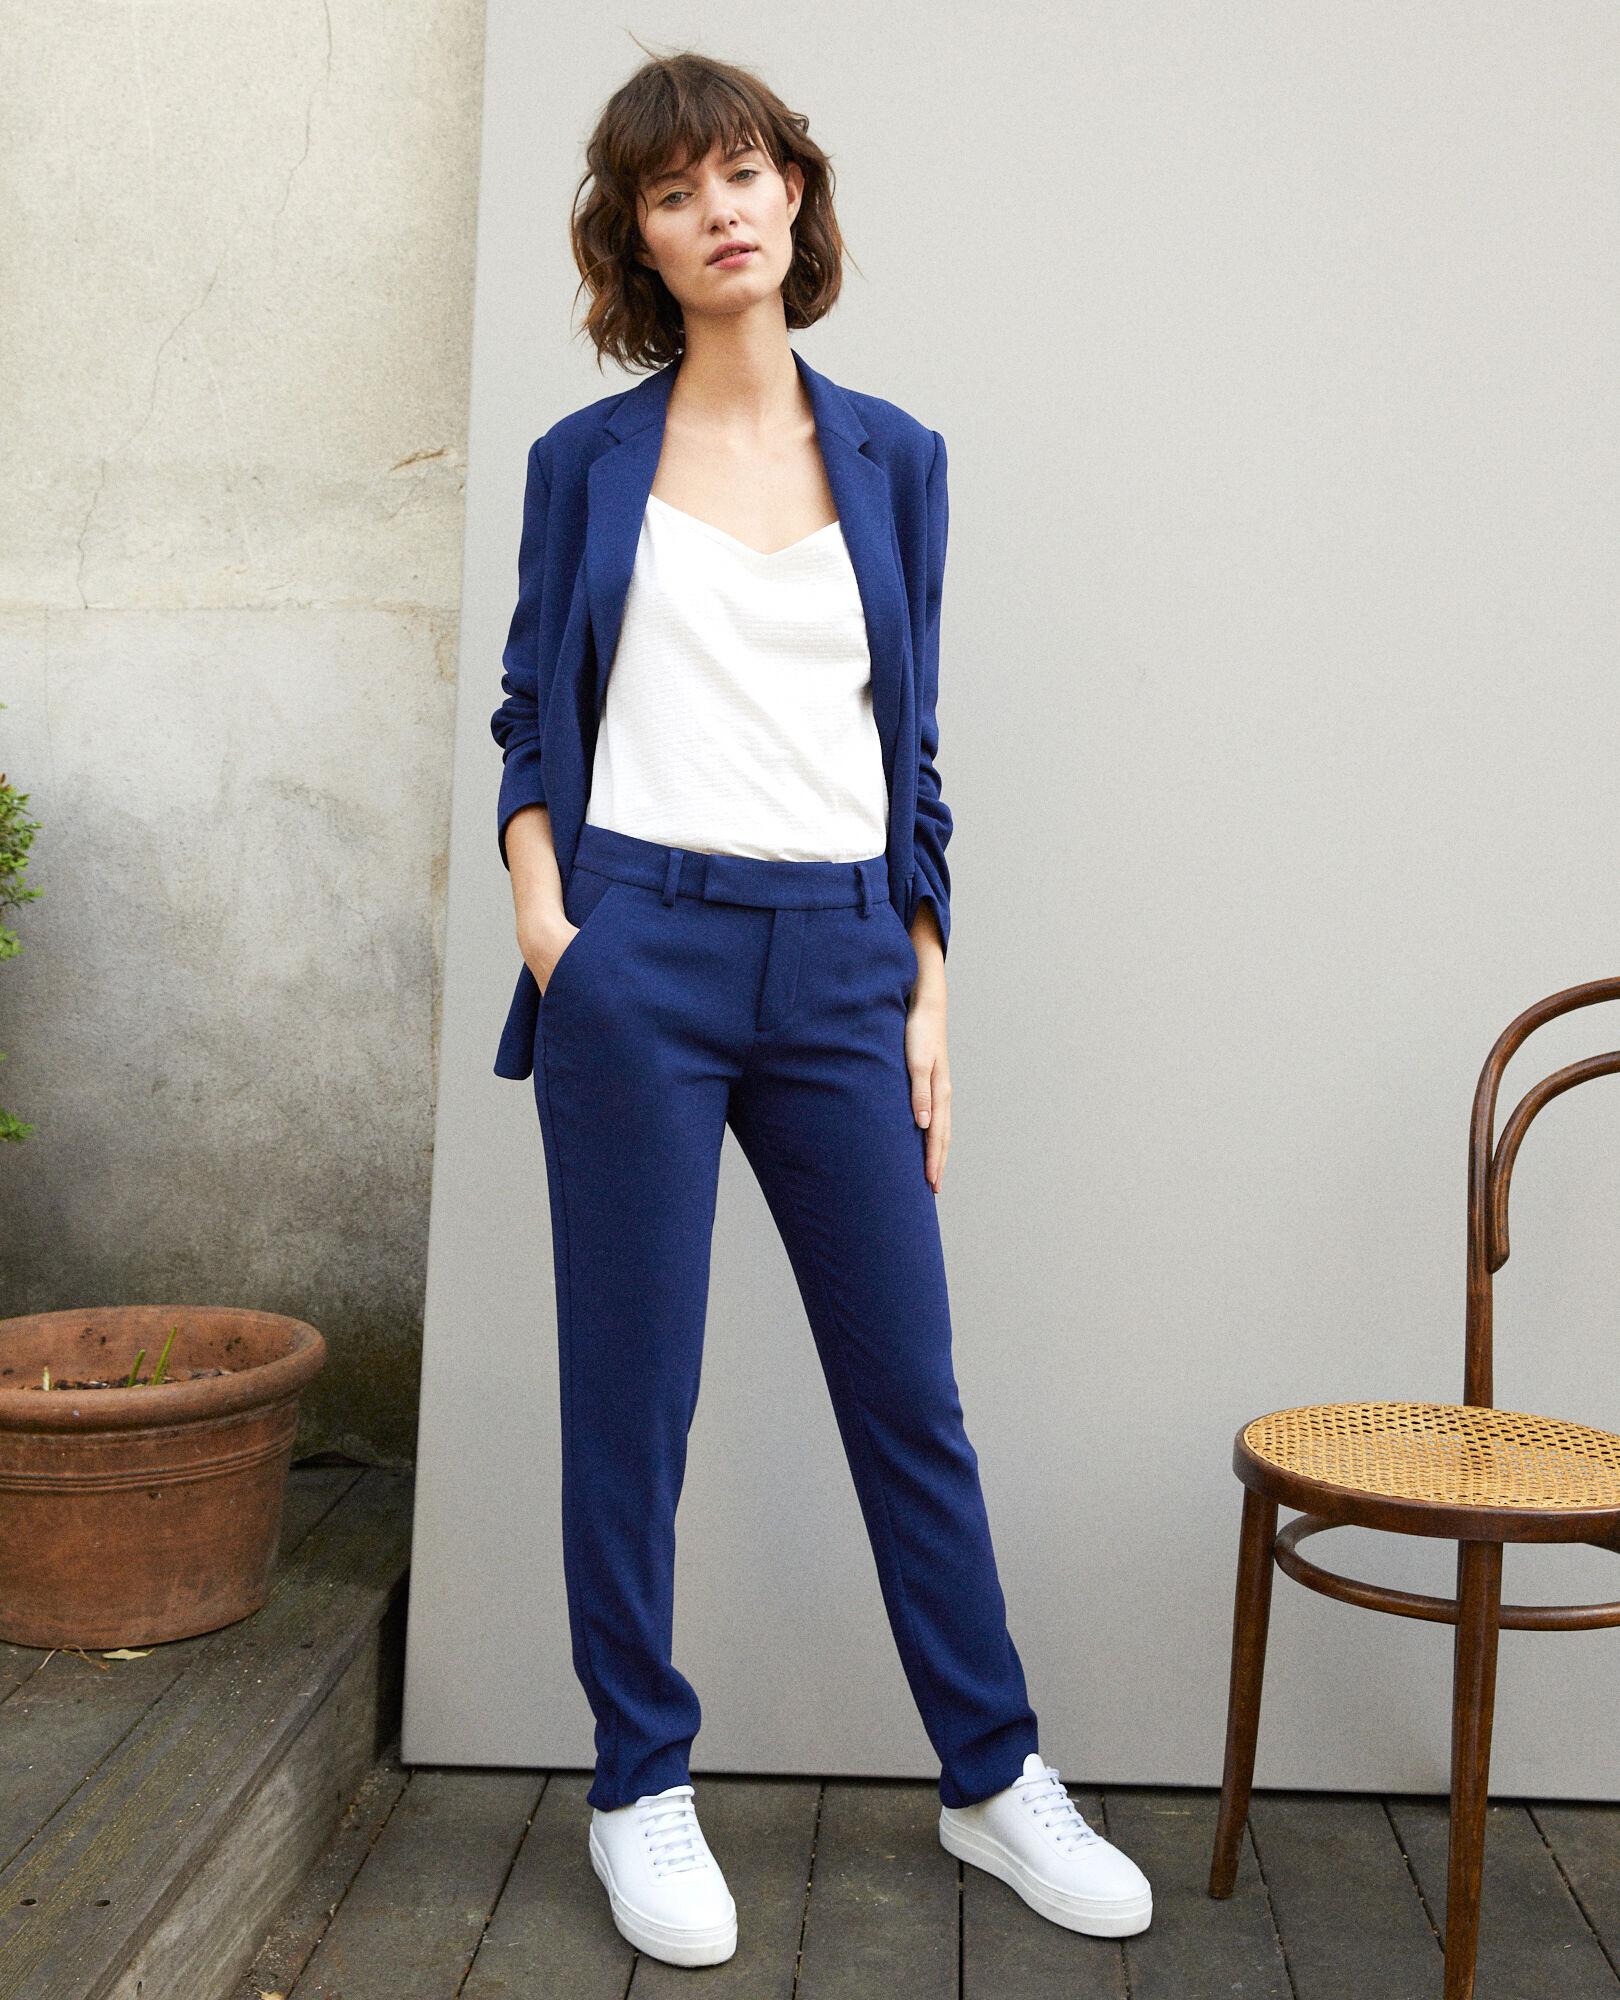 Gersende Medieval Pantalon Femme Comptoir Blue Couleur Tailleur xwUX61